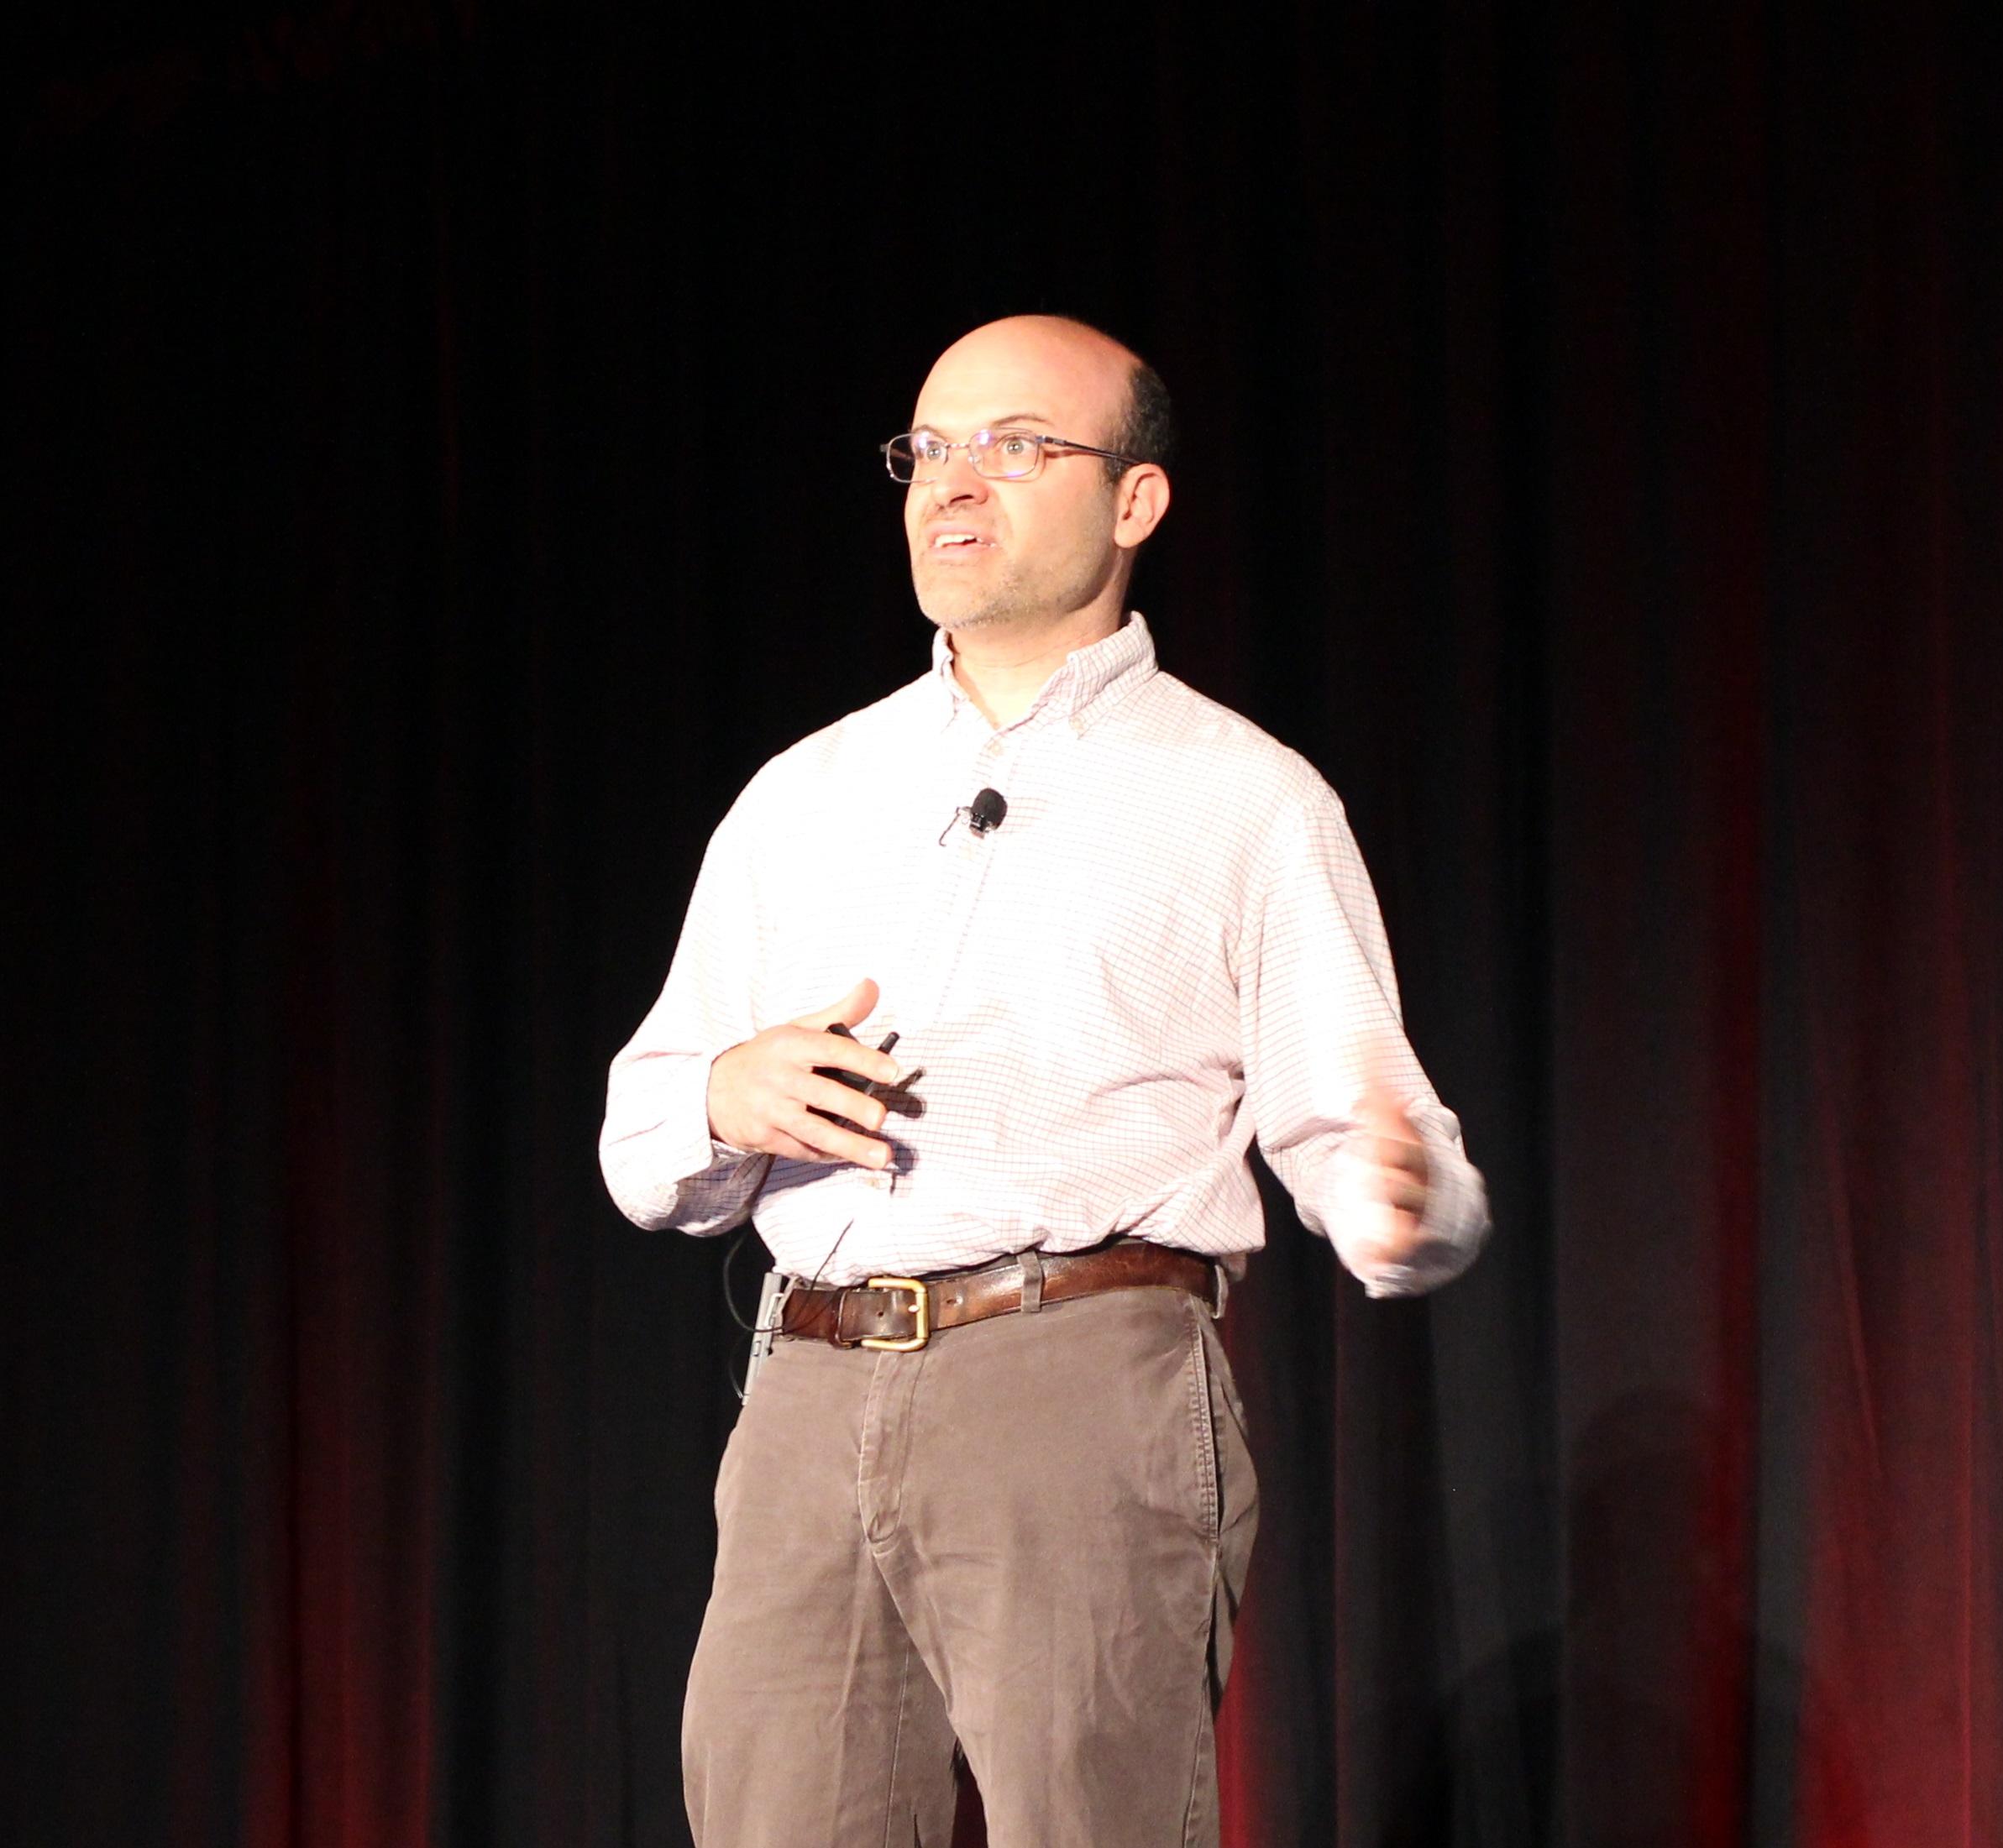 Andrew Blachman, Tophatter